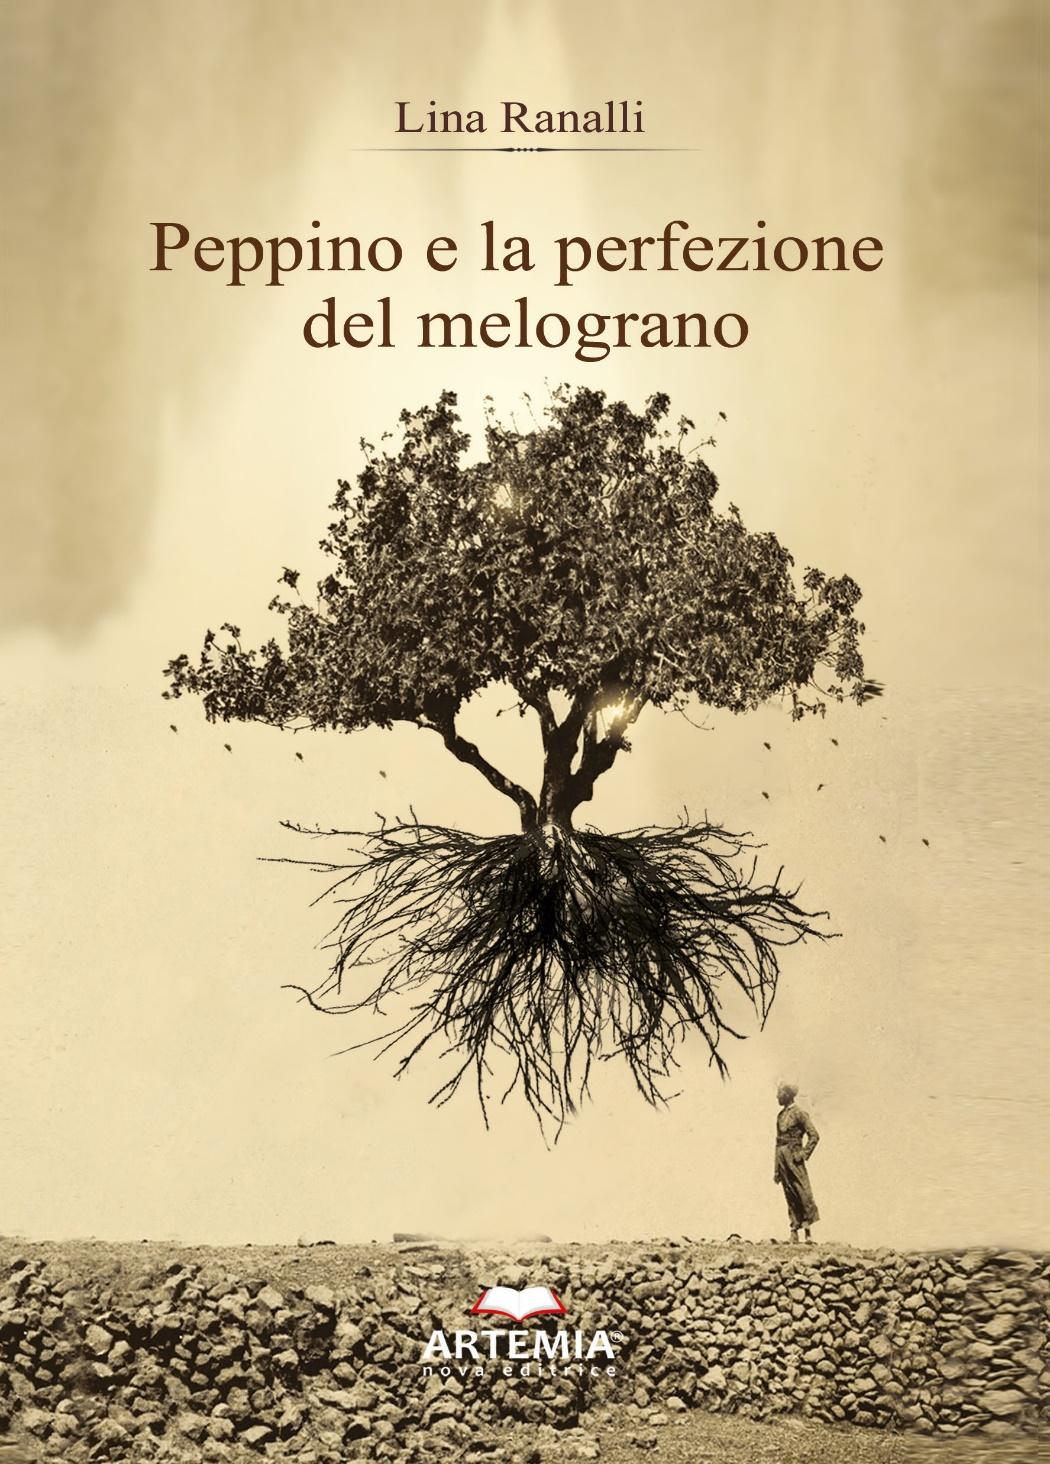 PEPPINO E LA PERFEZIONE DEL MELOGRANO